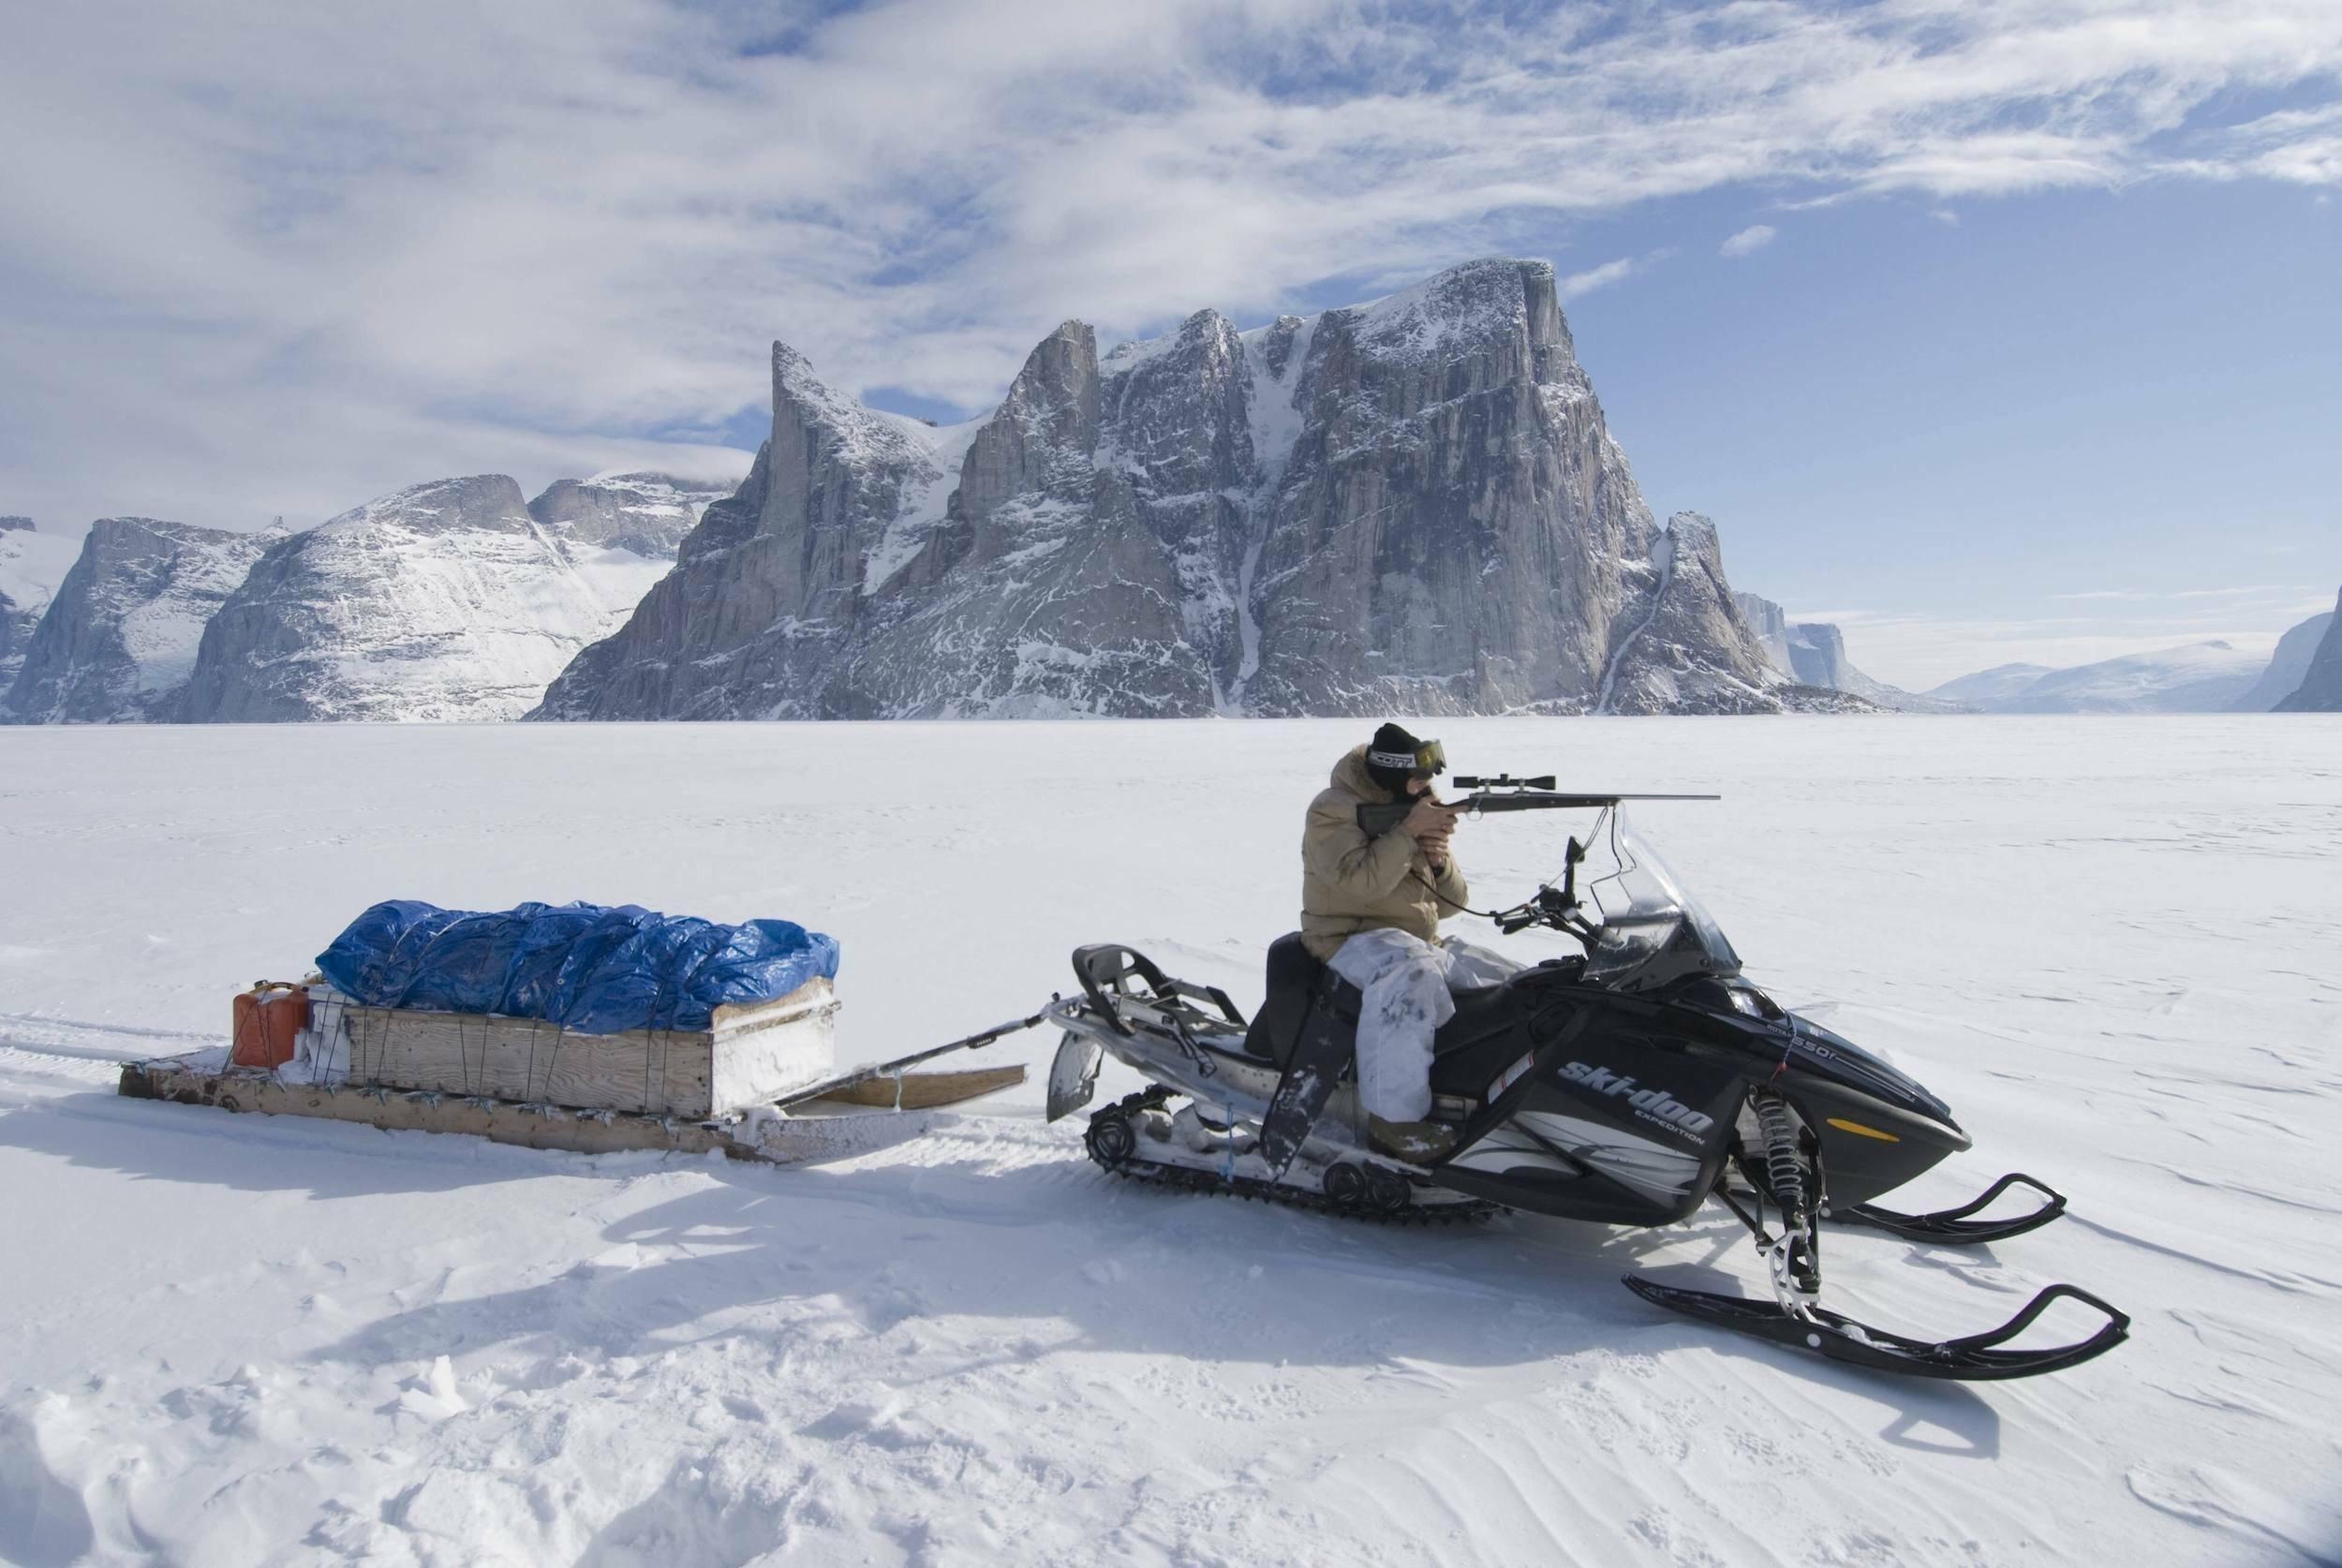 In einer schneebedeckten Landschaft mit hohen Bergen sitzt ein Inuit auf einem Motorschlitten und zielt mit einem Gewehr in die Ferne.